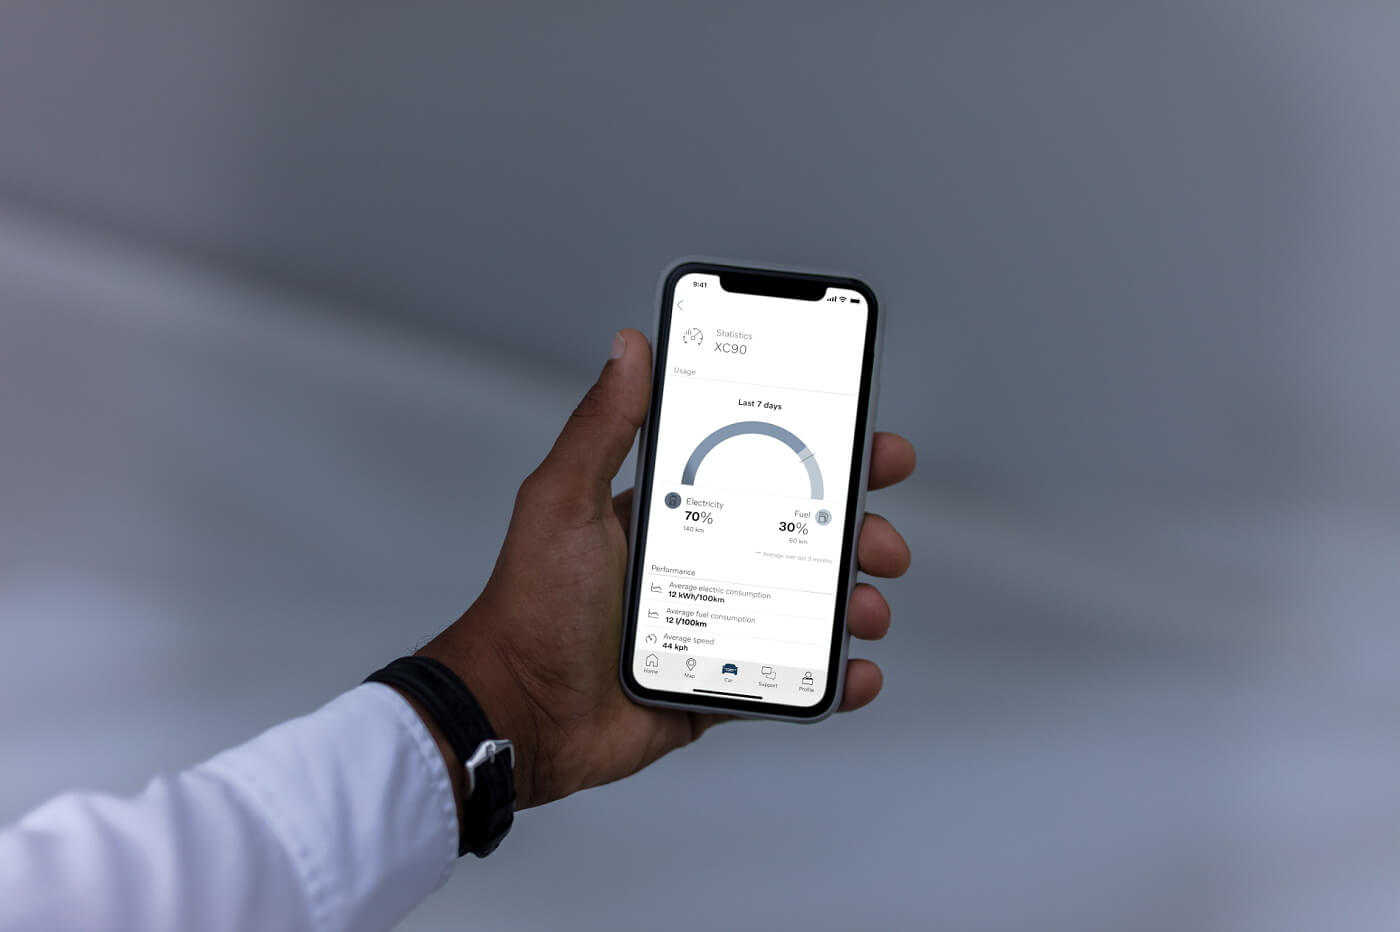 Приложение Volvo on Call покажет владельцам PHEV-авто данные об использовании автомобиля на электротяге